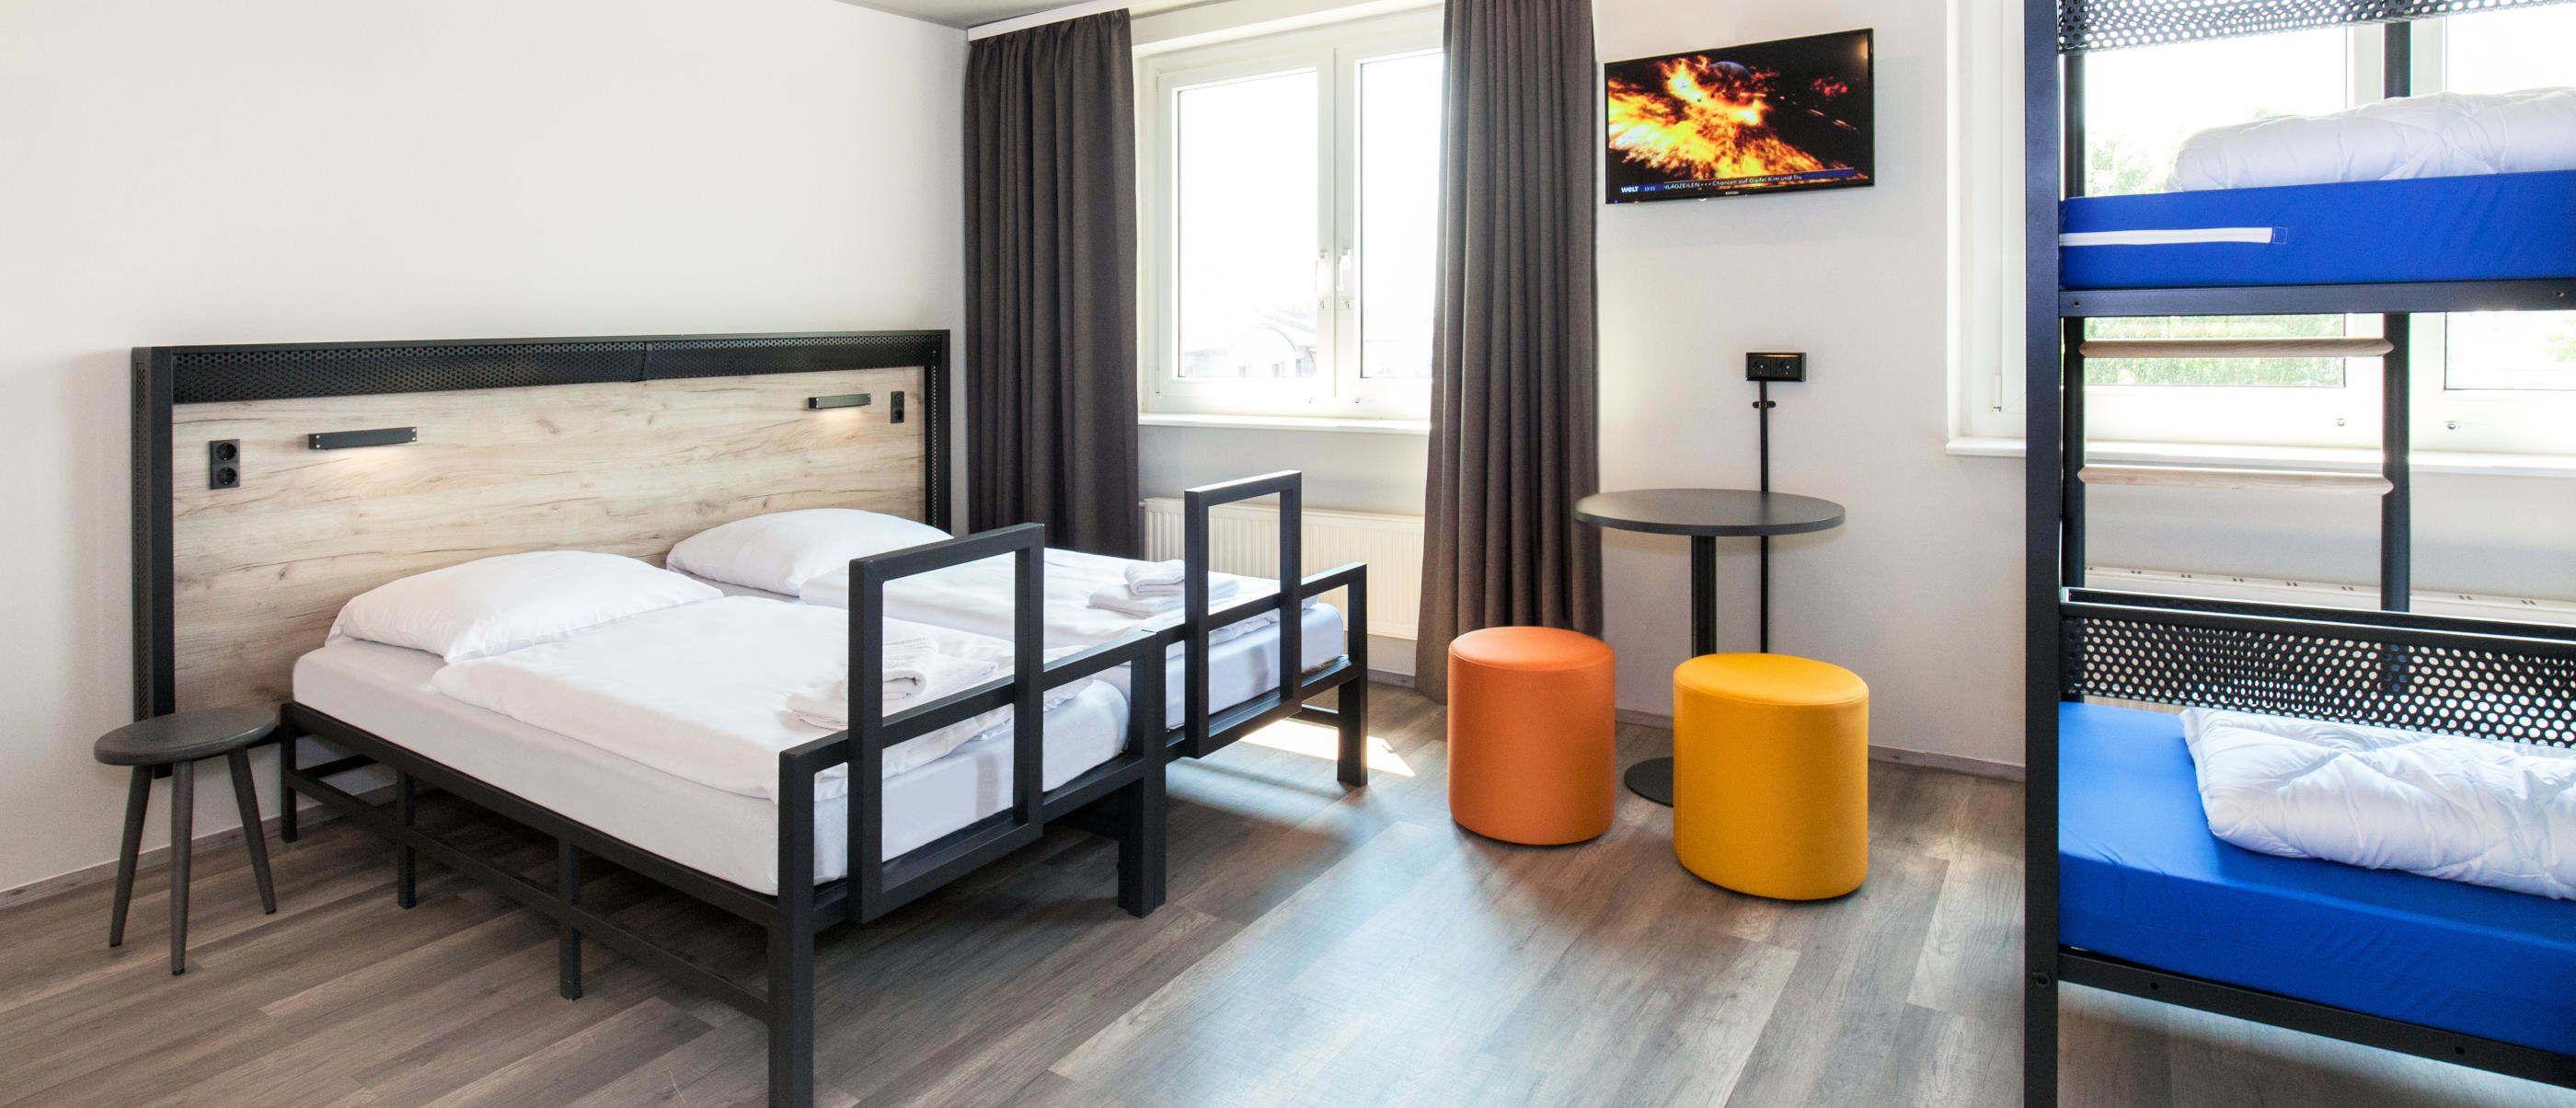 Familienzimmer im Hostel Prag Rhea